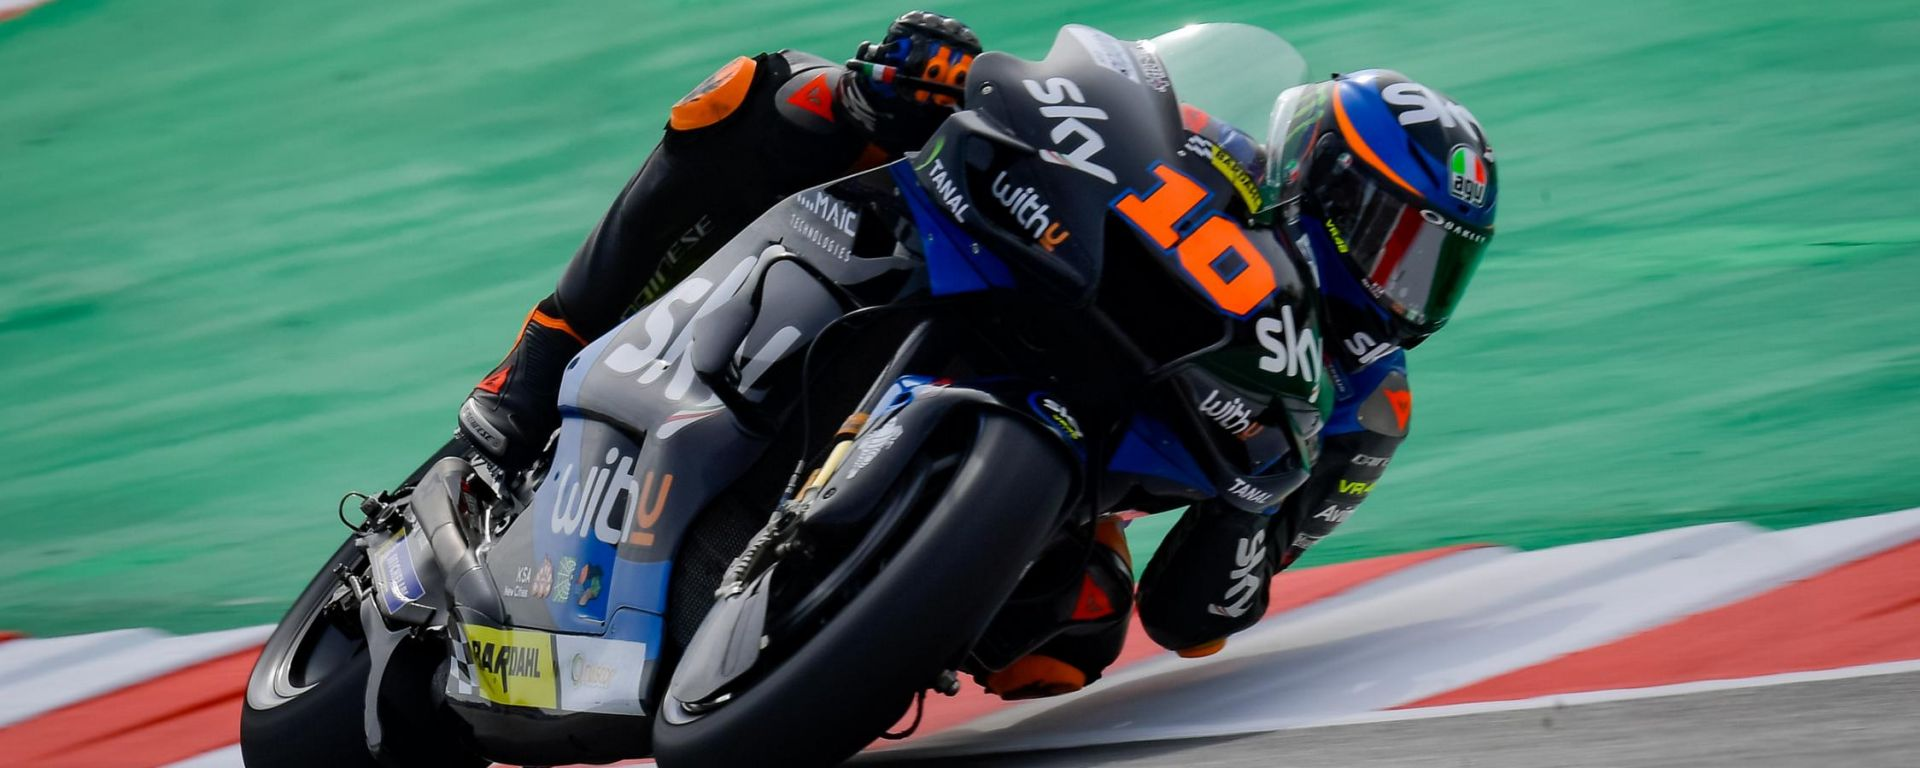 MotoGP Catalunya 2021, Luca Marini (Ducati Sky VR46)